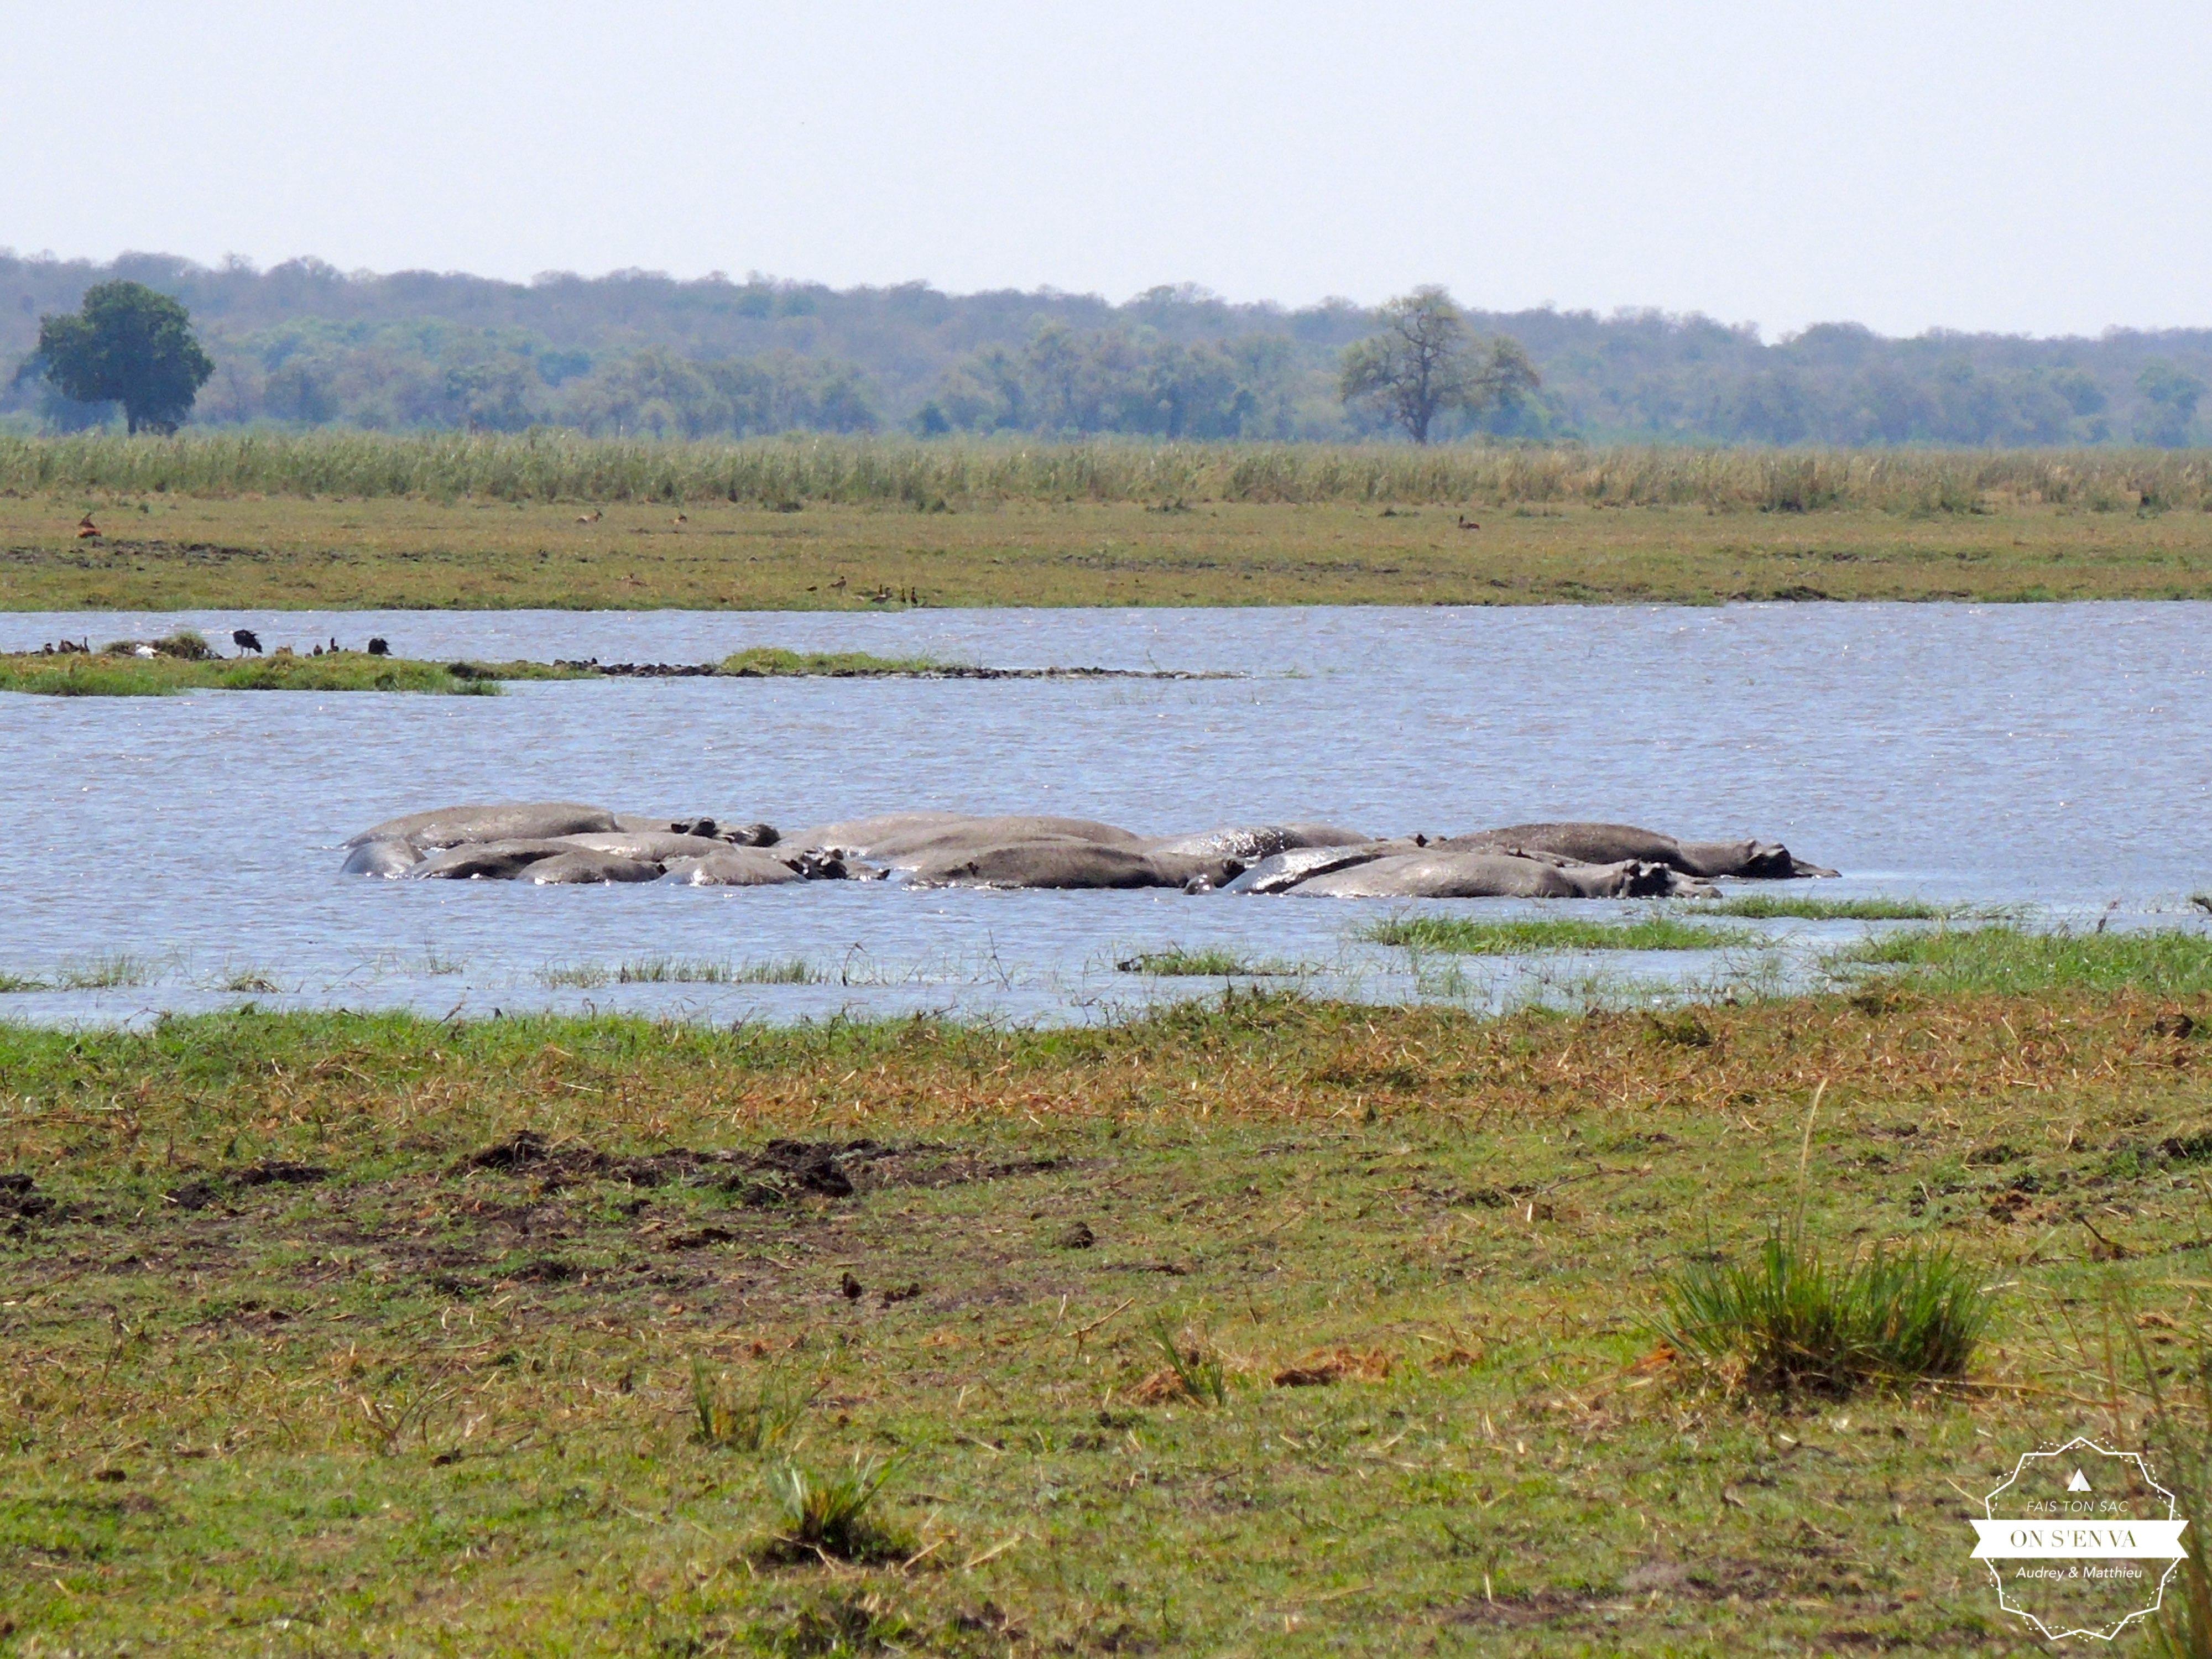 Les hippos toujours très actifs...